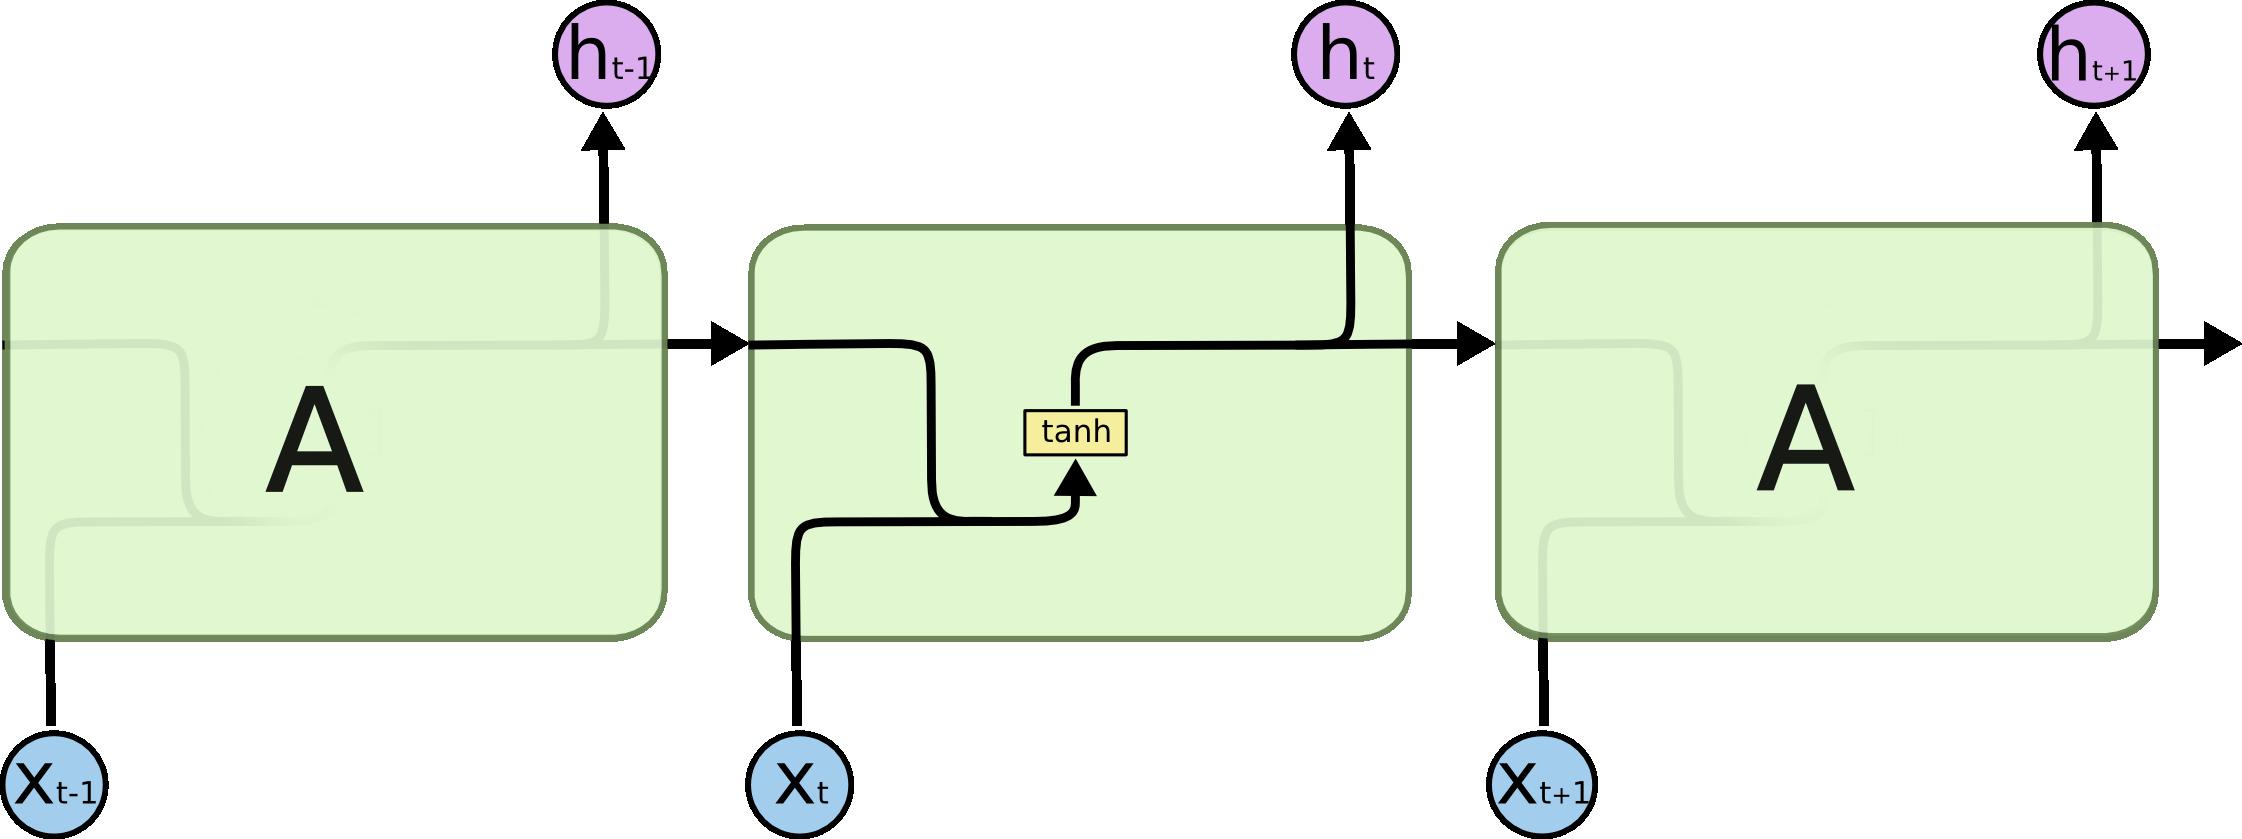 标准RNN的重复模块包含一个单层